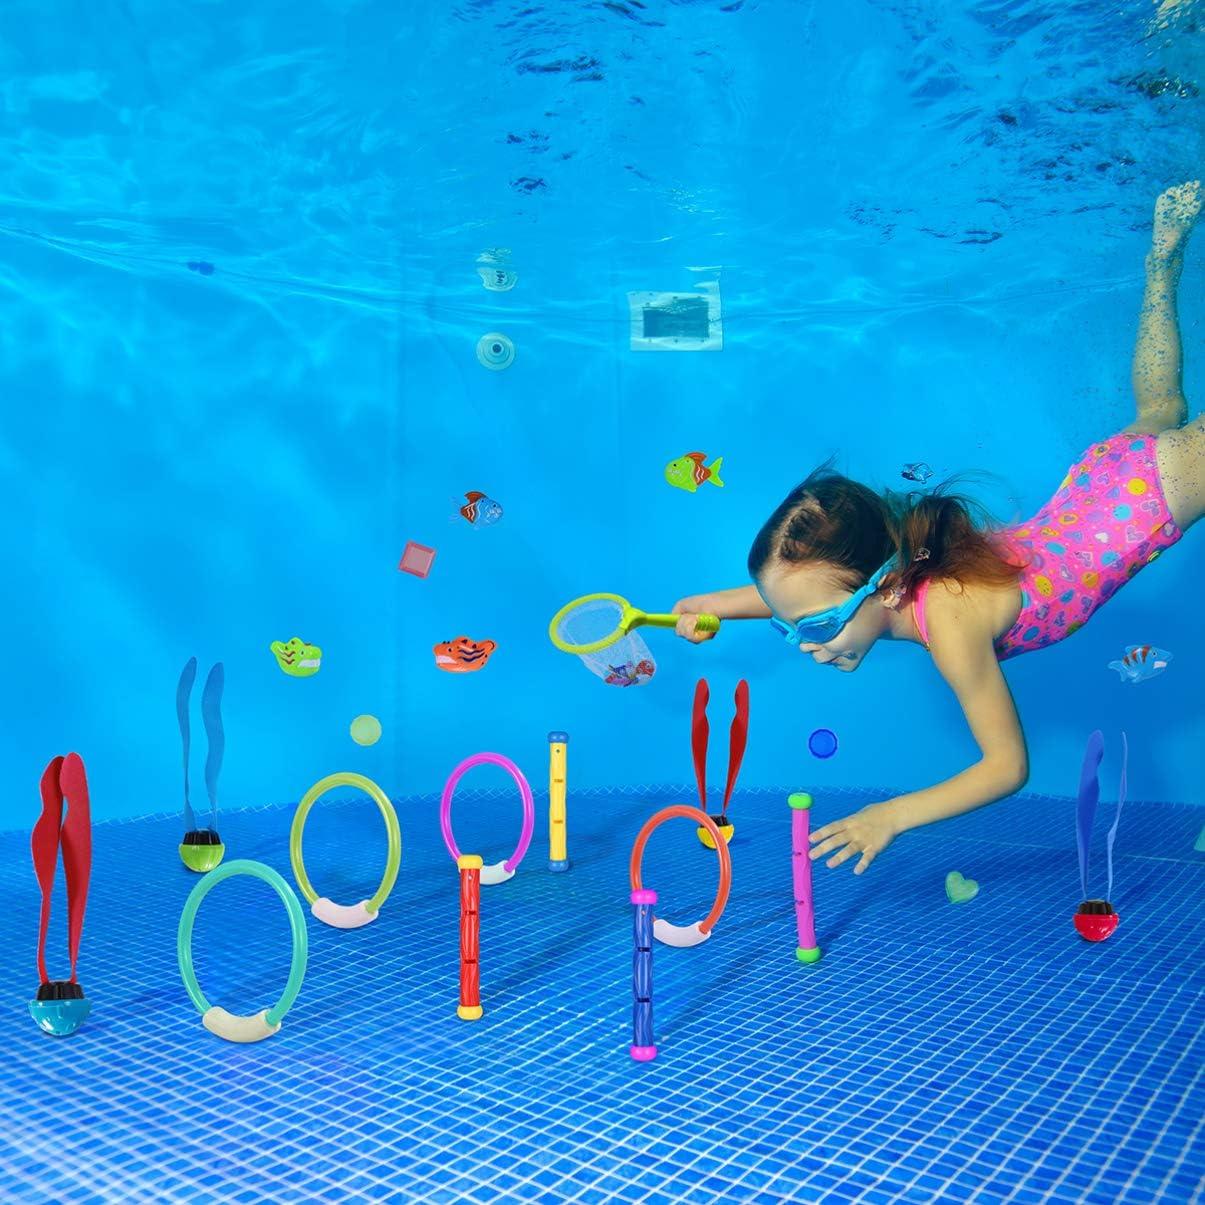 NUOBESTY 26 St/ück Unterwasser Schwimm- Tauchbecken Spielzeug Bunte Tauchringe Fisch Tauchspiel Trainingsgeschenk Unterwasser Schwimm Tauchspielzeug Pool Spielzeug Set